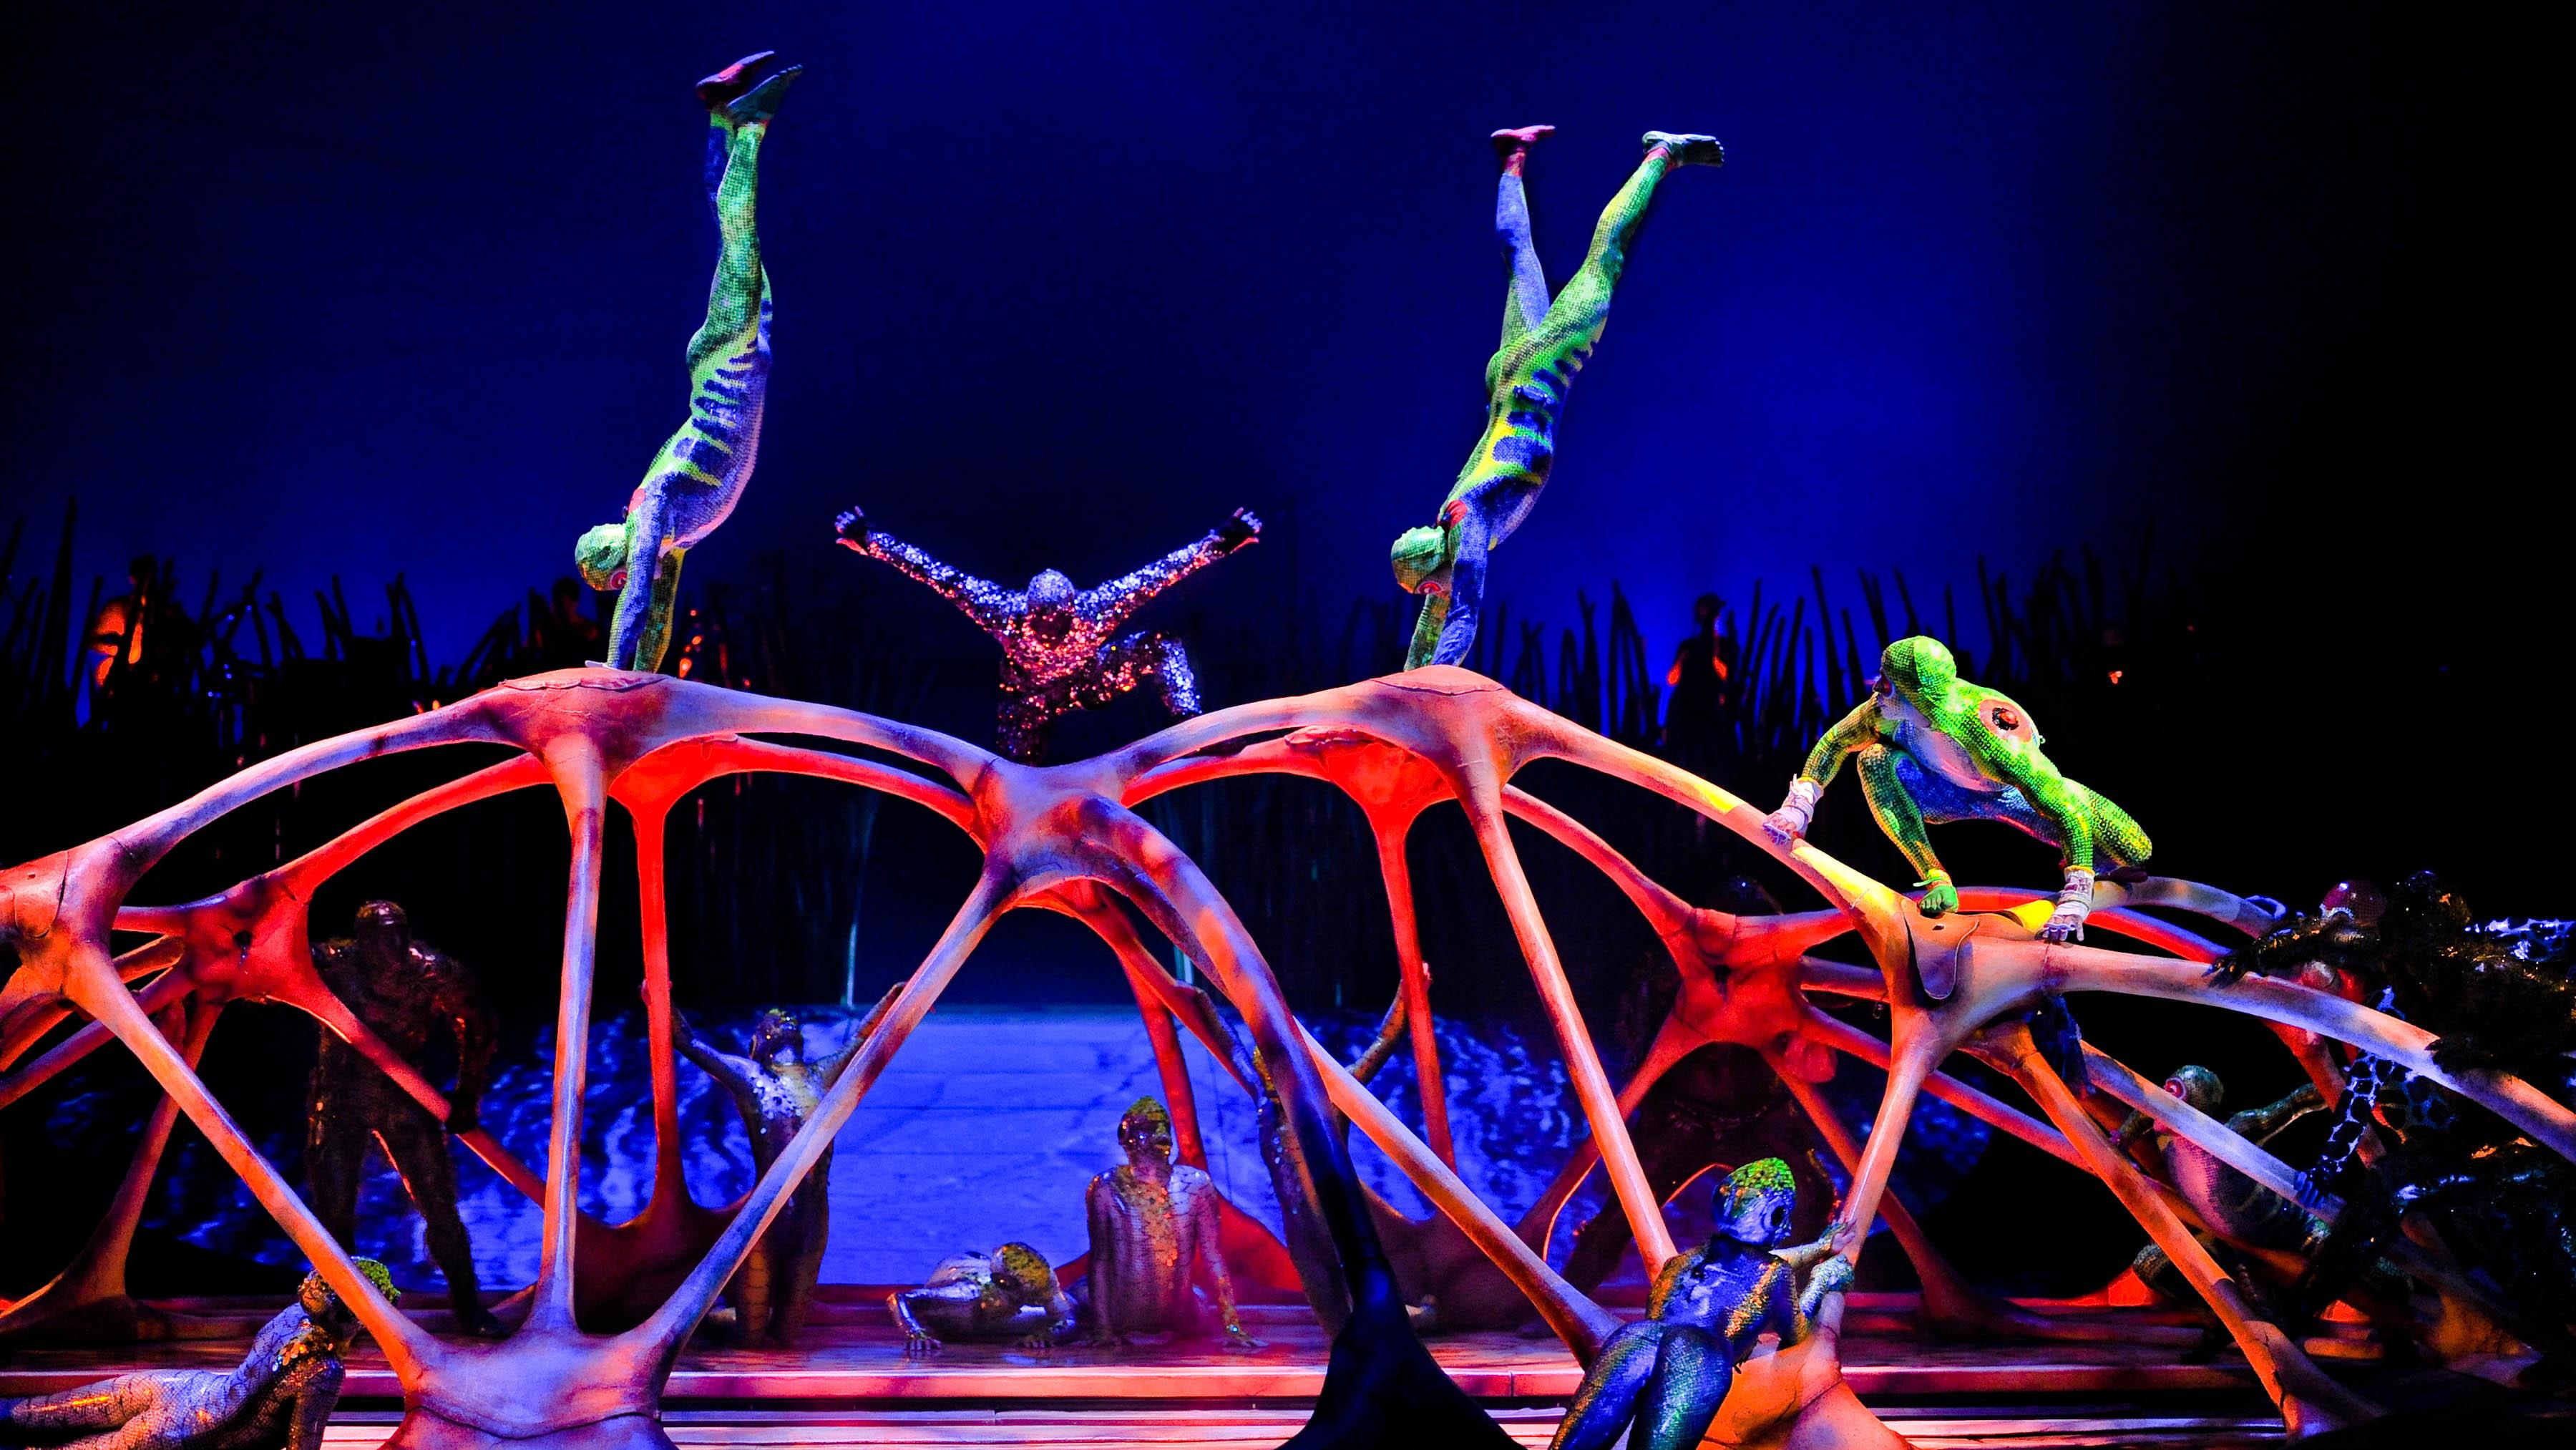 Case Study on Cirque du Soleil